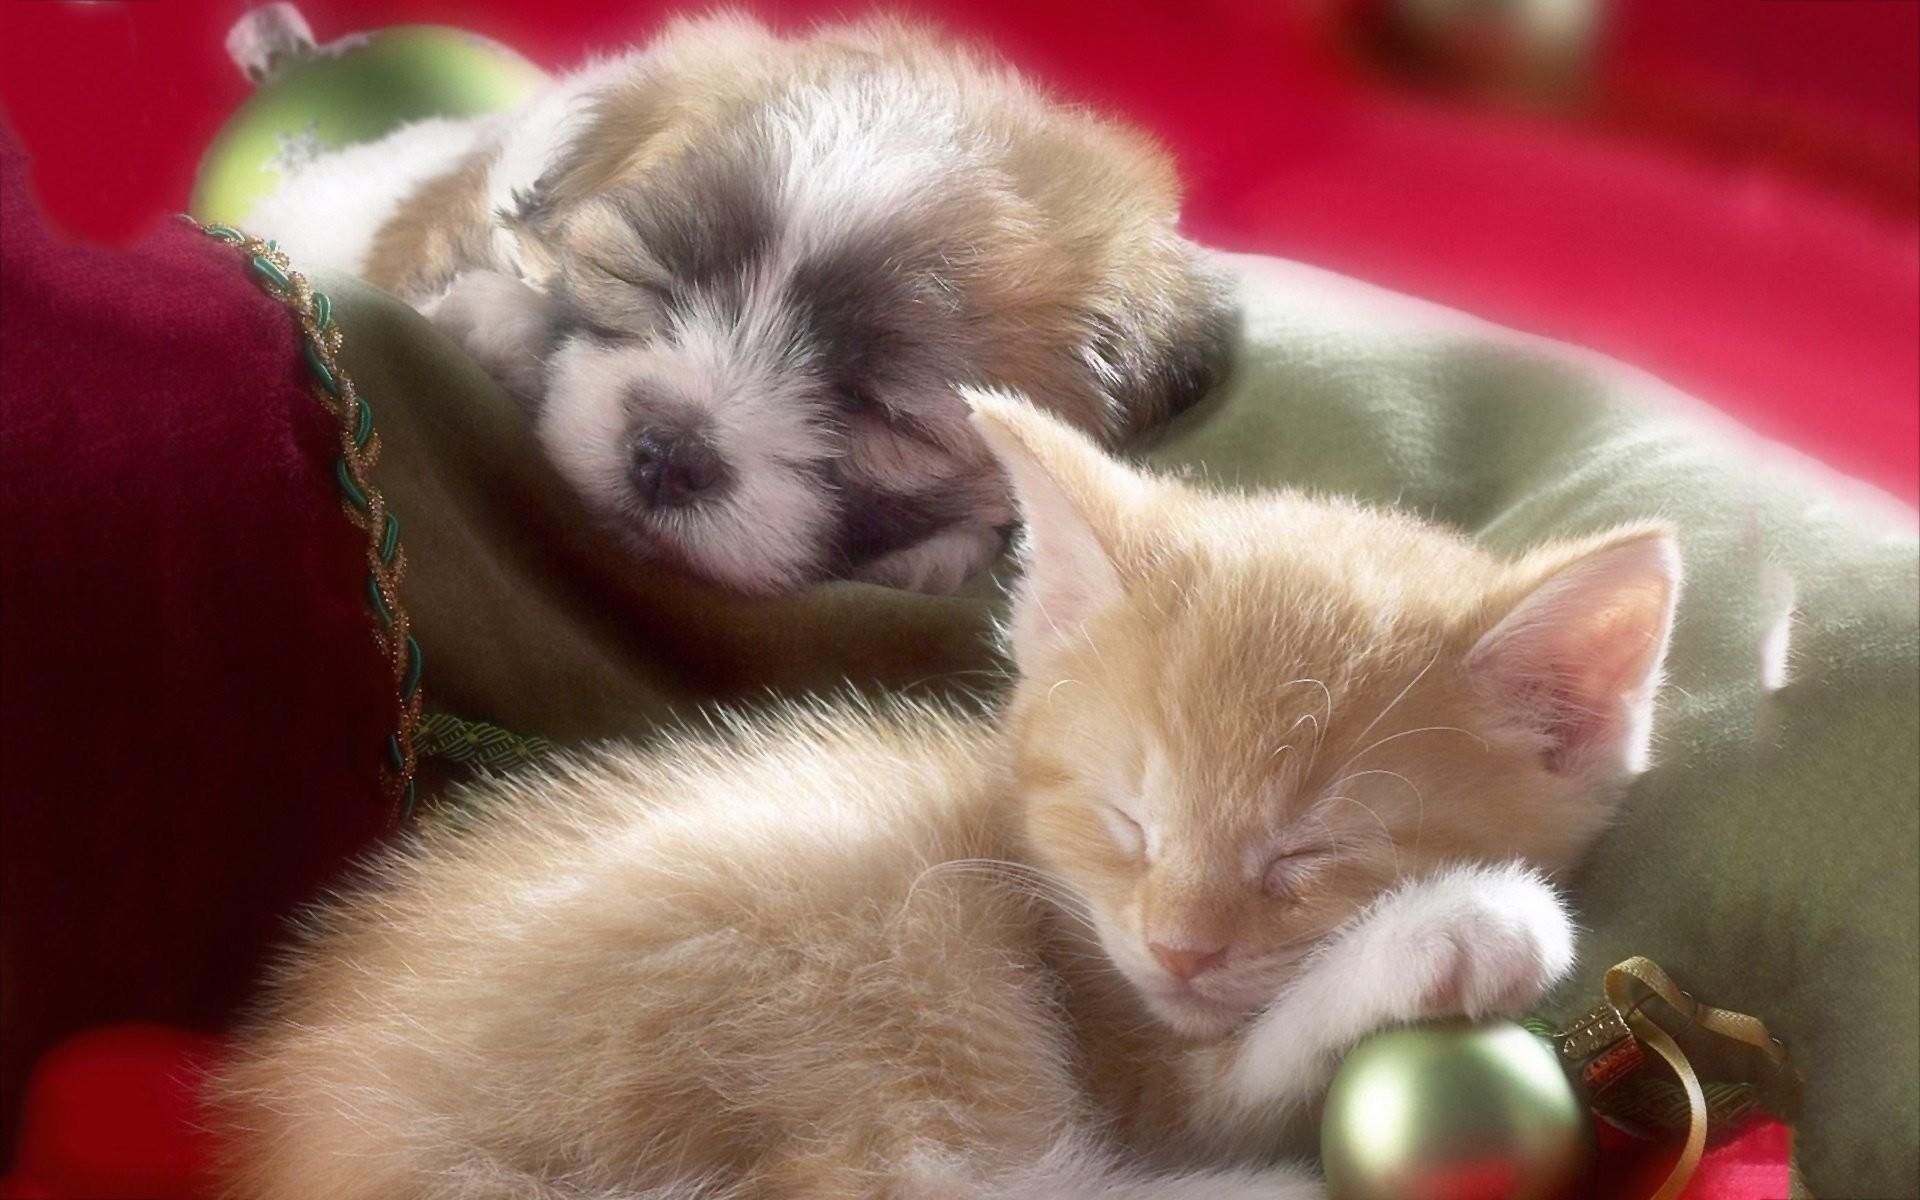 Cute Little Kitten Desktop Wallpapers Cute Puppy And Kitten Wallpapers 58 Images